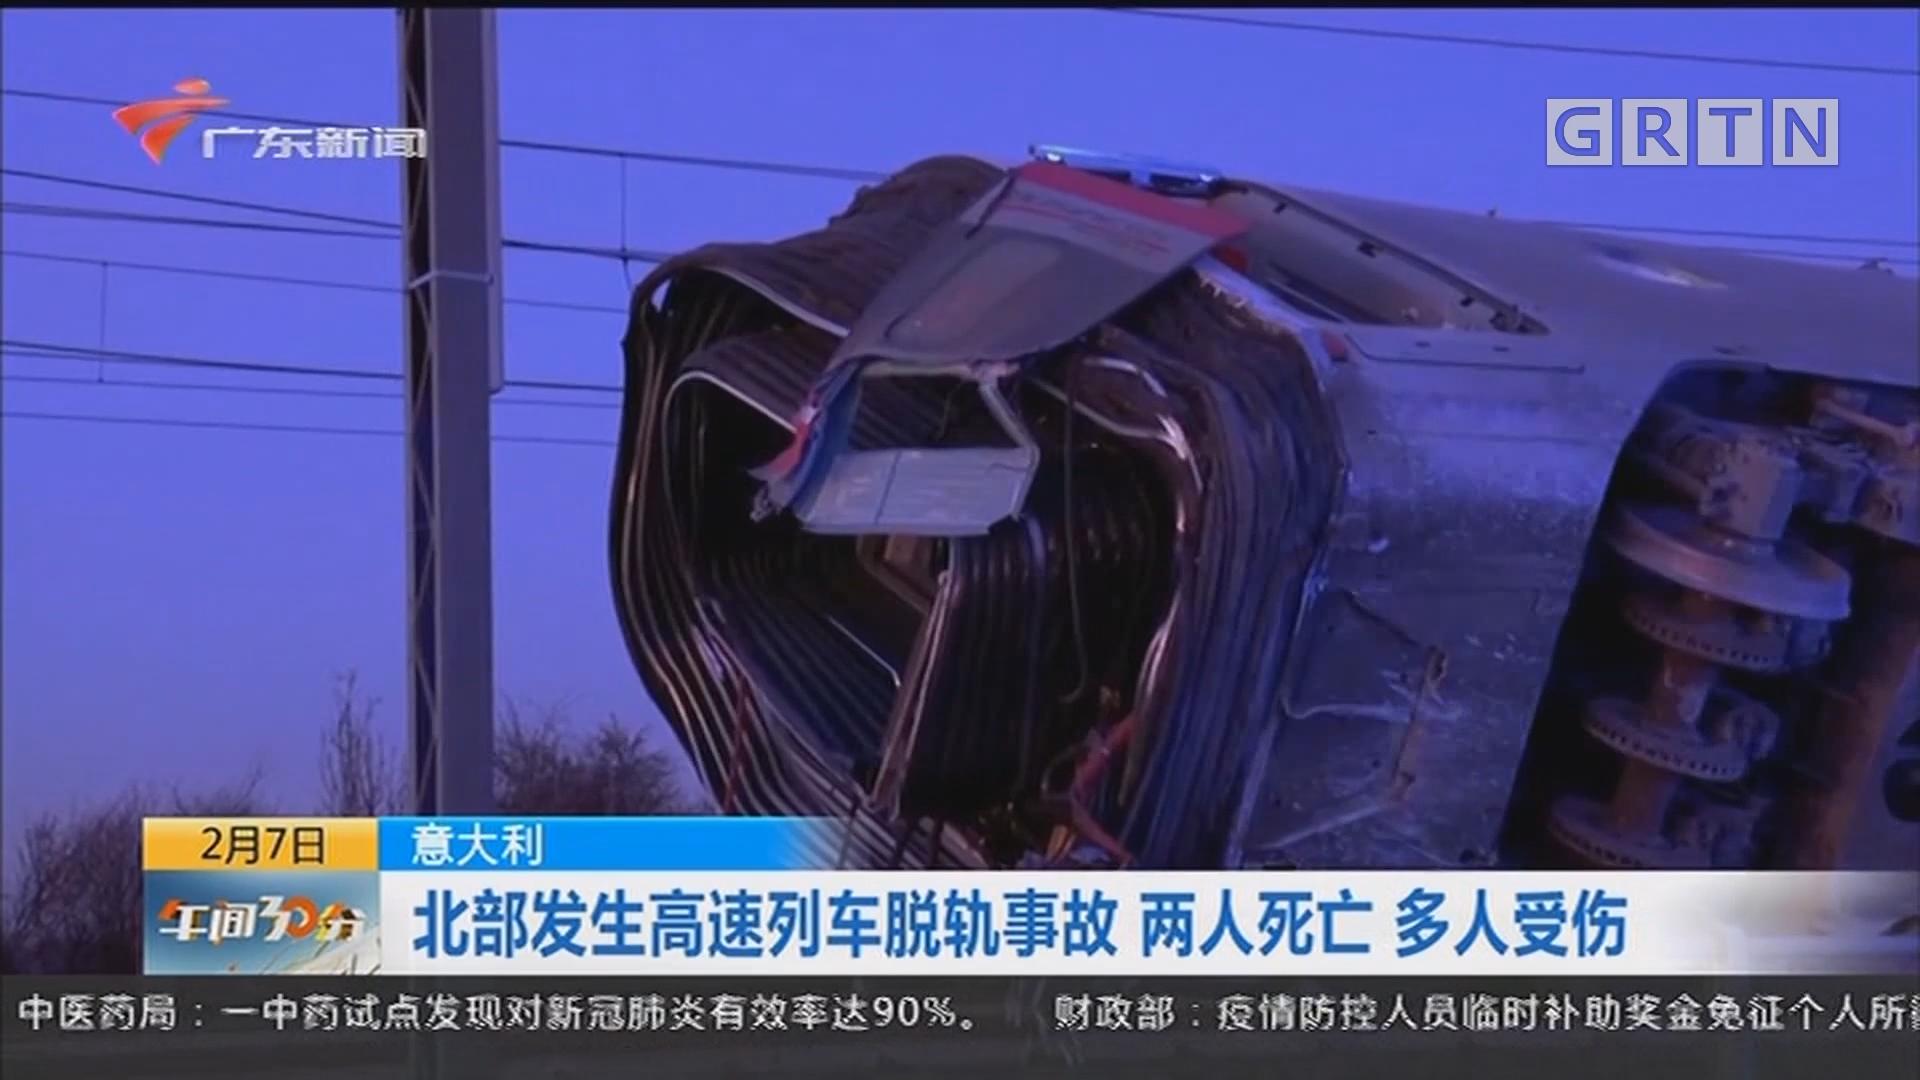 意大利:北部发生高速列车脱轨事故 两人死亡 多人受伤